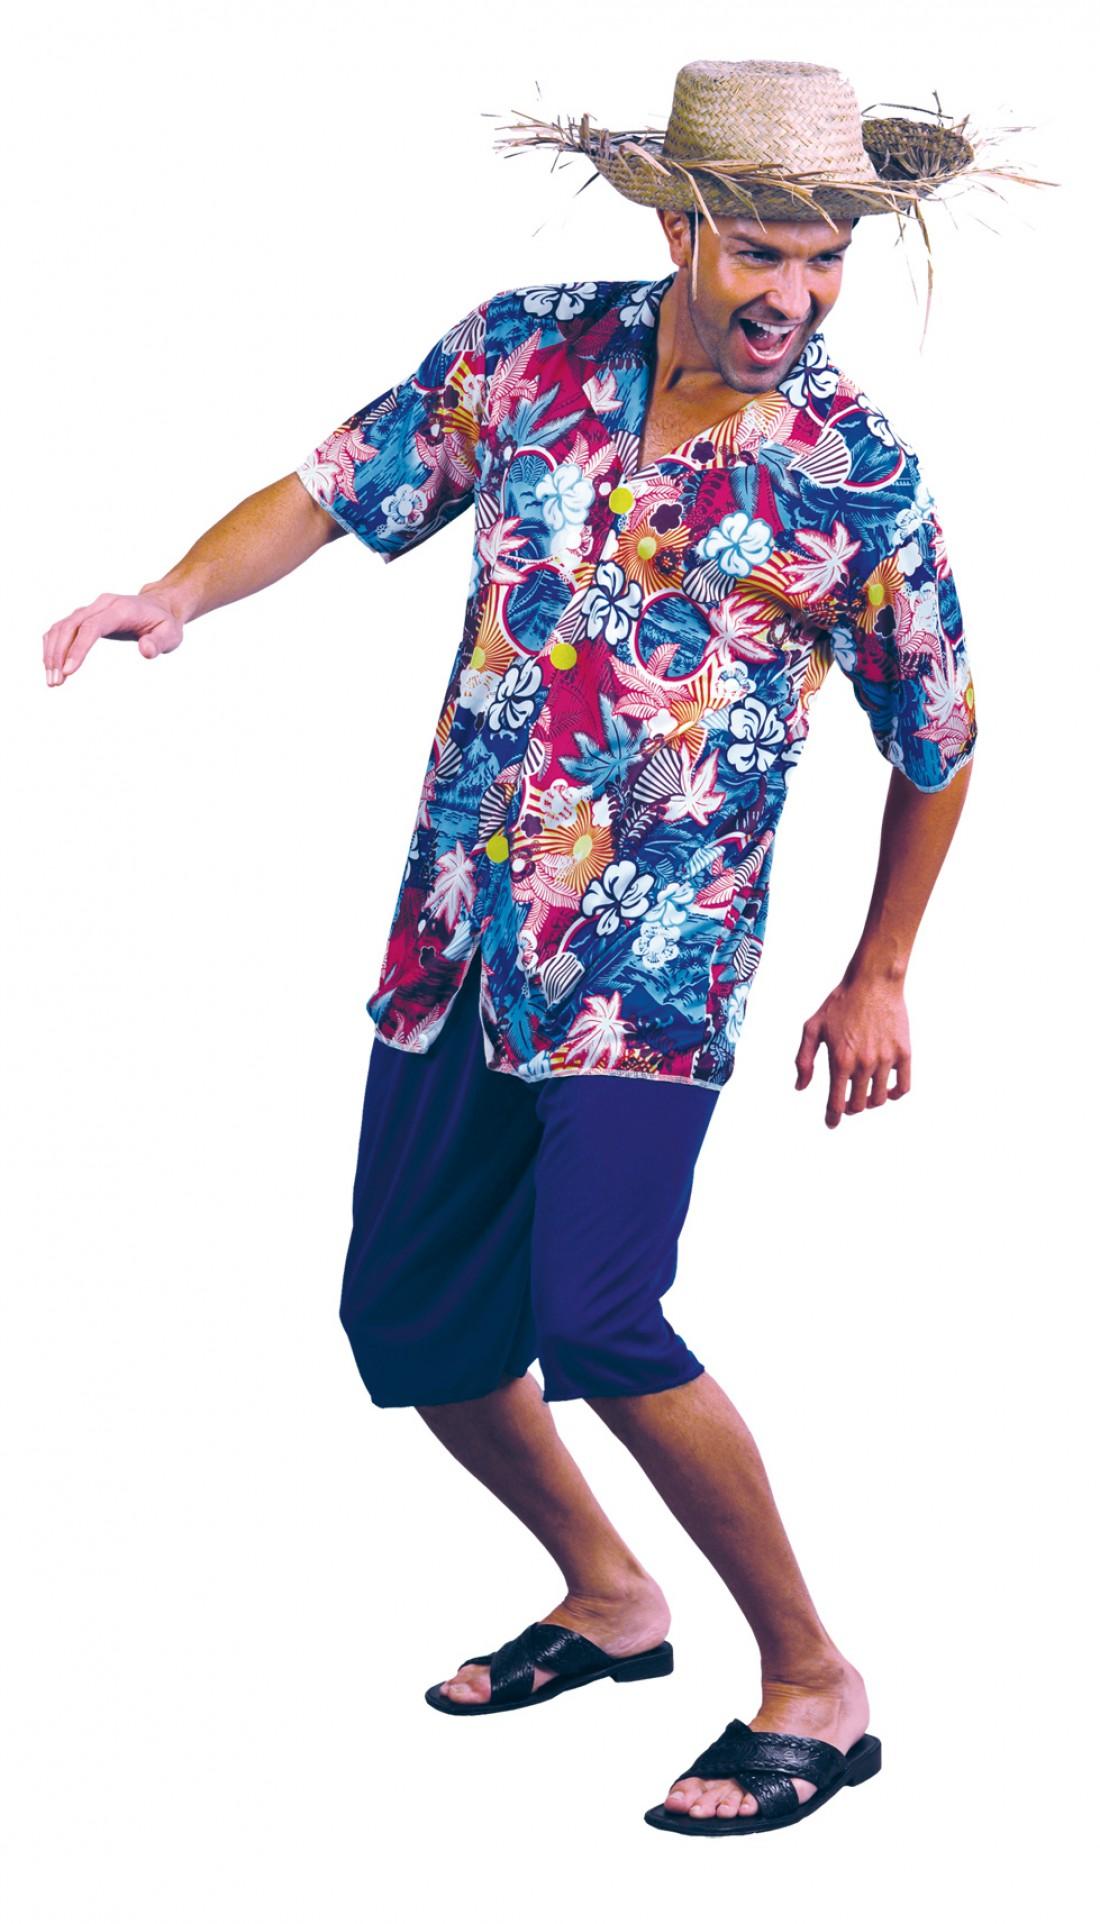 Гавайский образ — это когда на тебе панама или соломенная шляпа